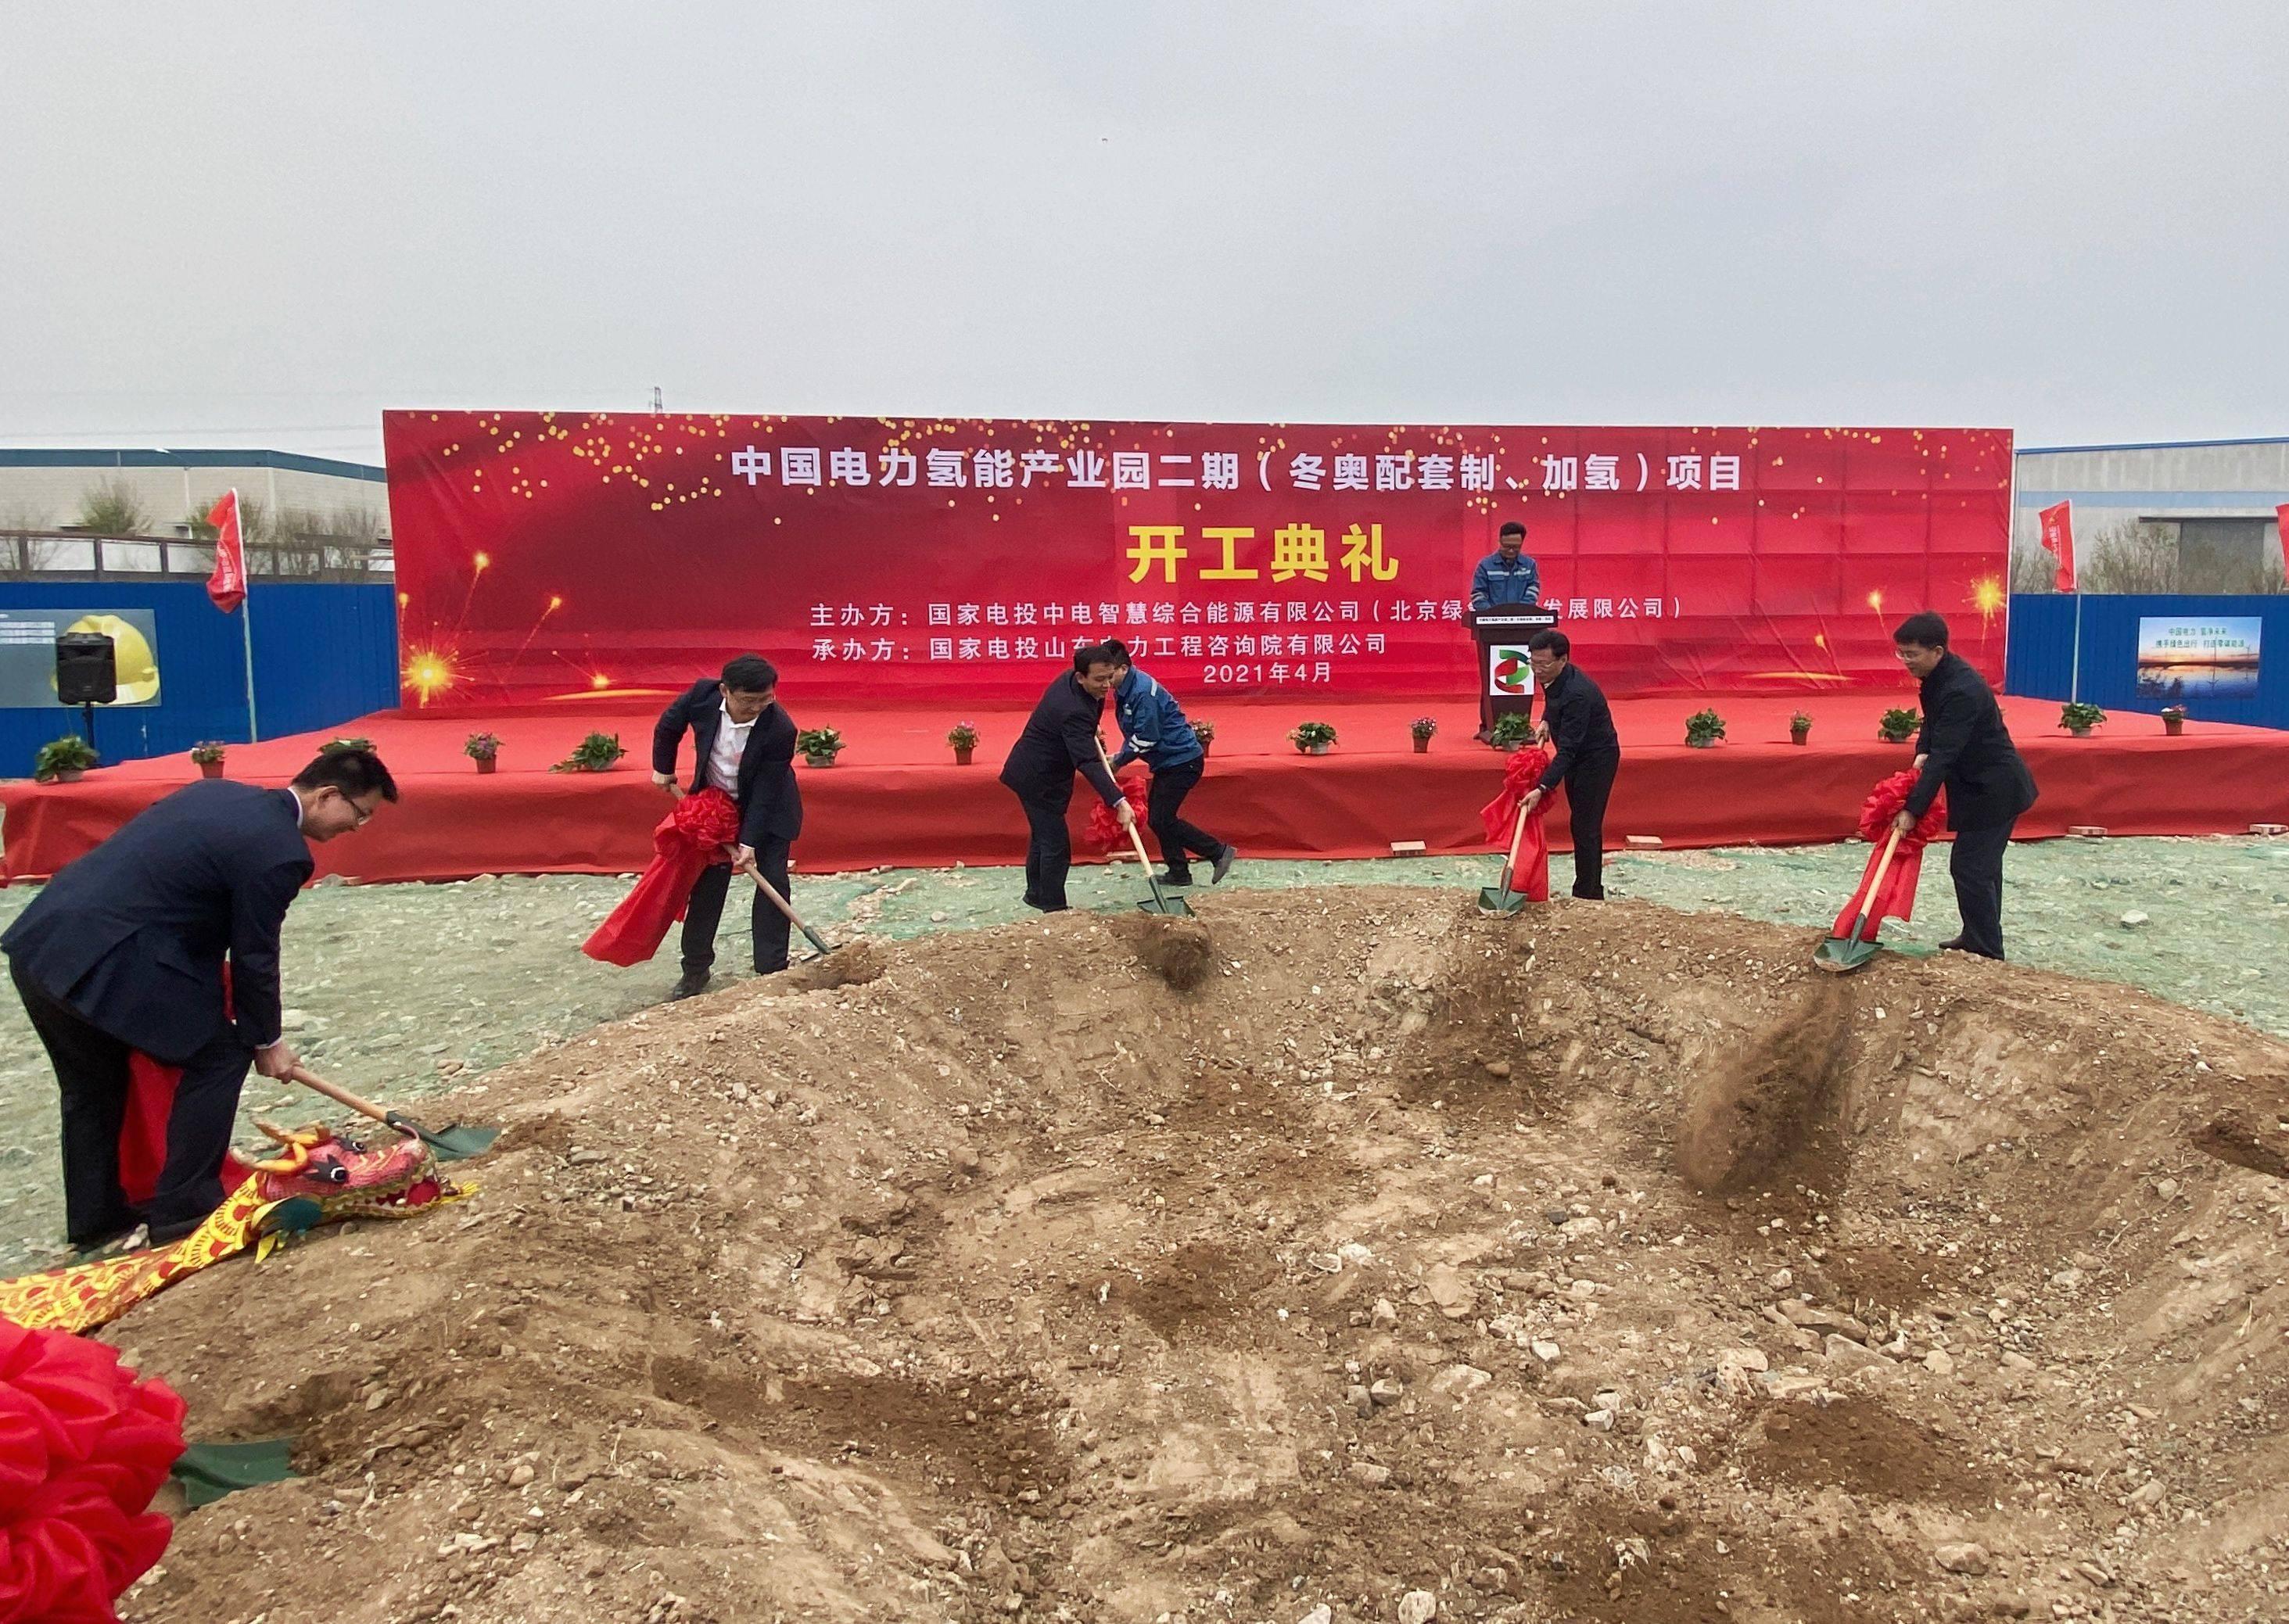 延庆氢能产业园项目二期开工,将服务保障北京冬奥会